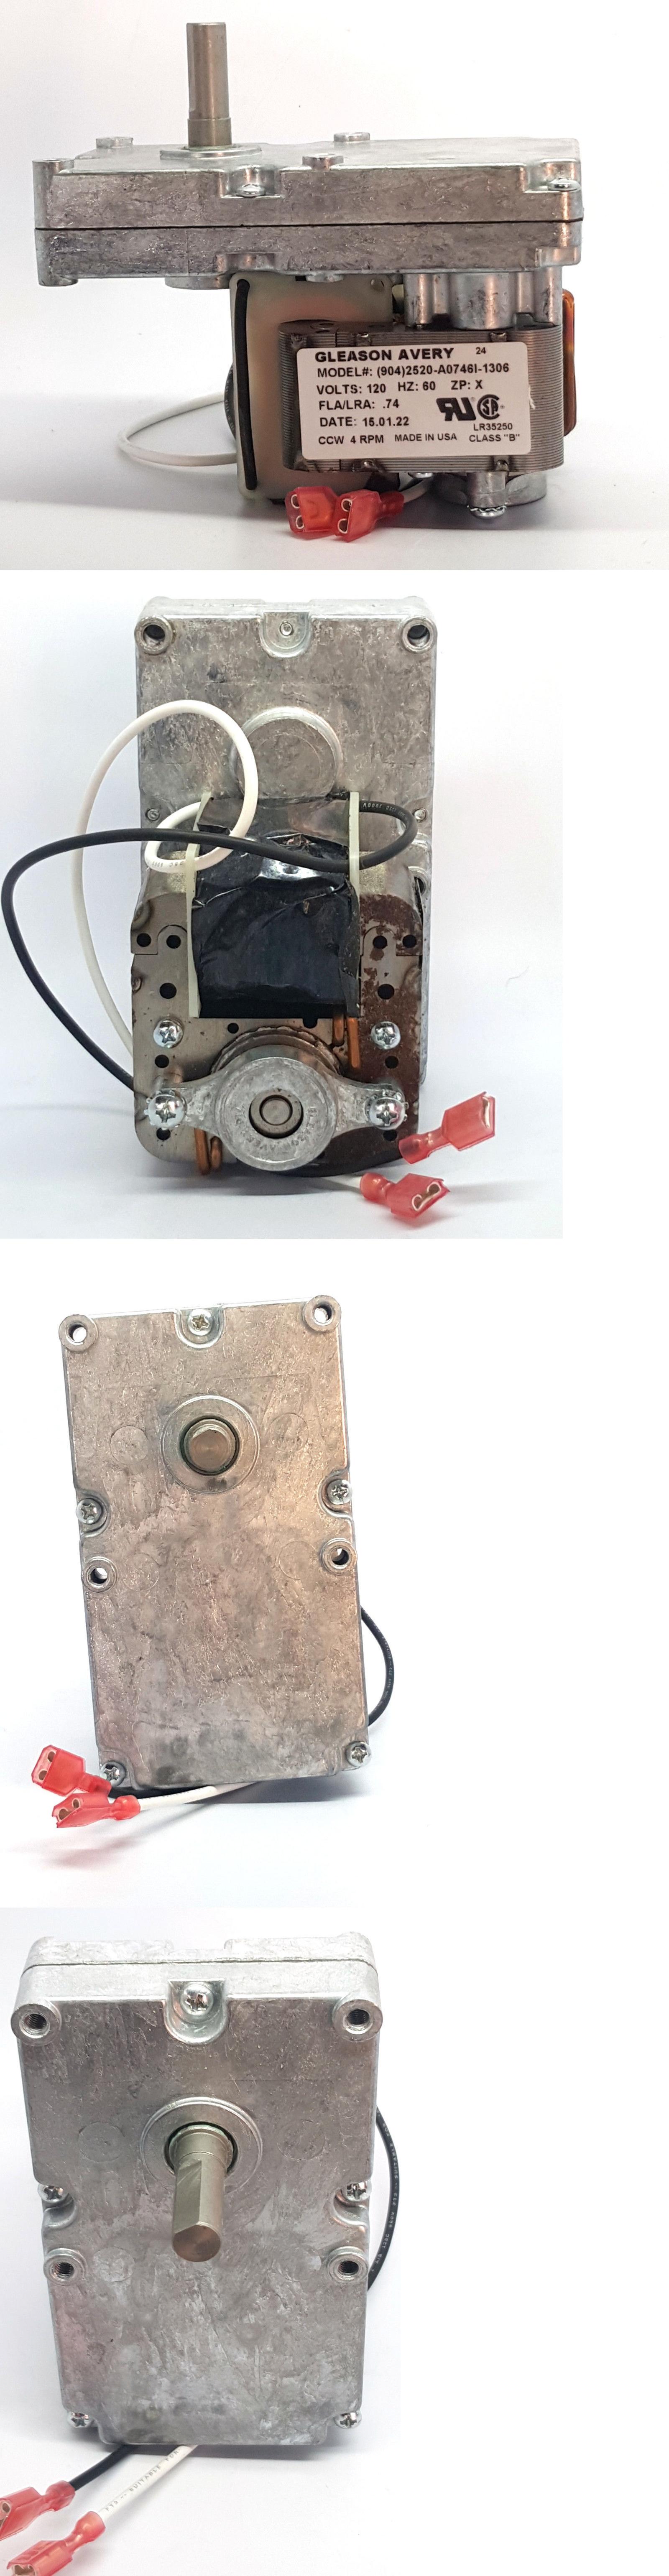 replacement parts 159895 harman pellet stove auger motor advance